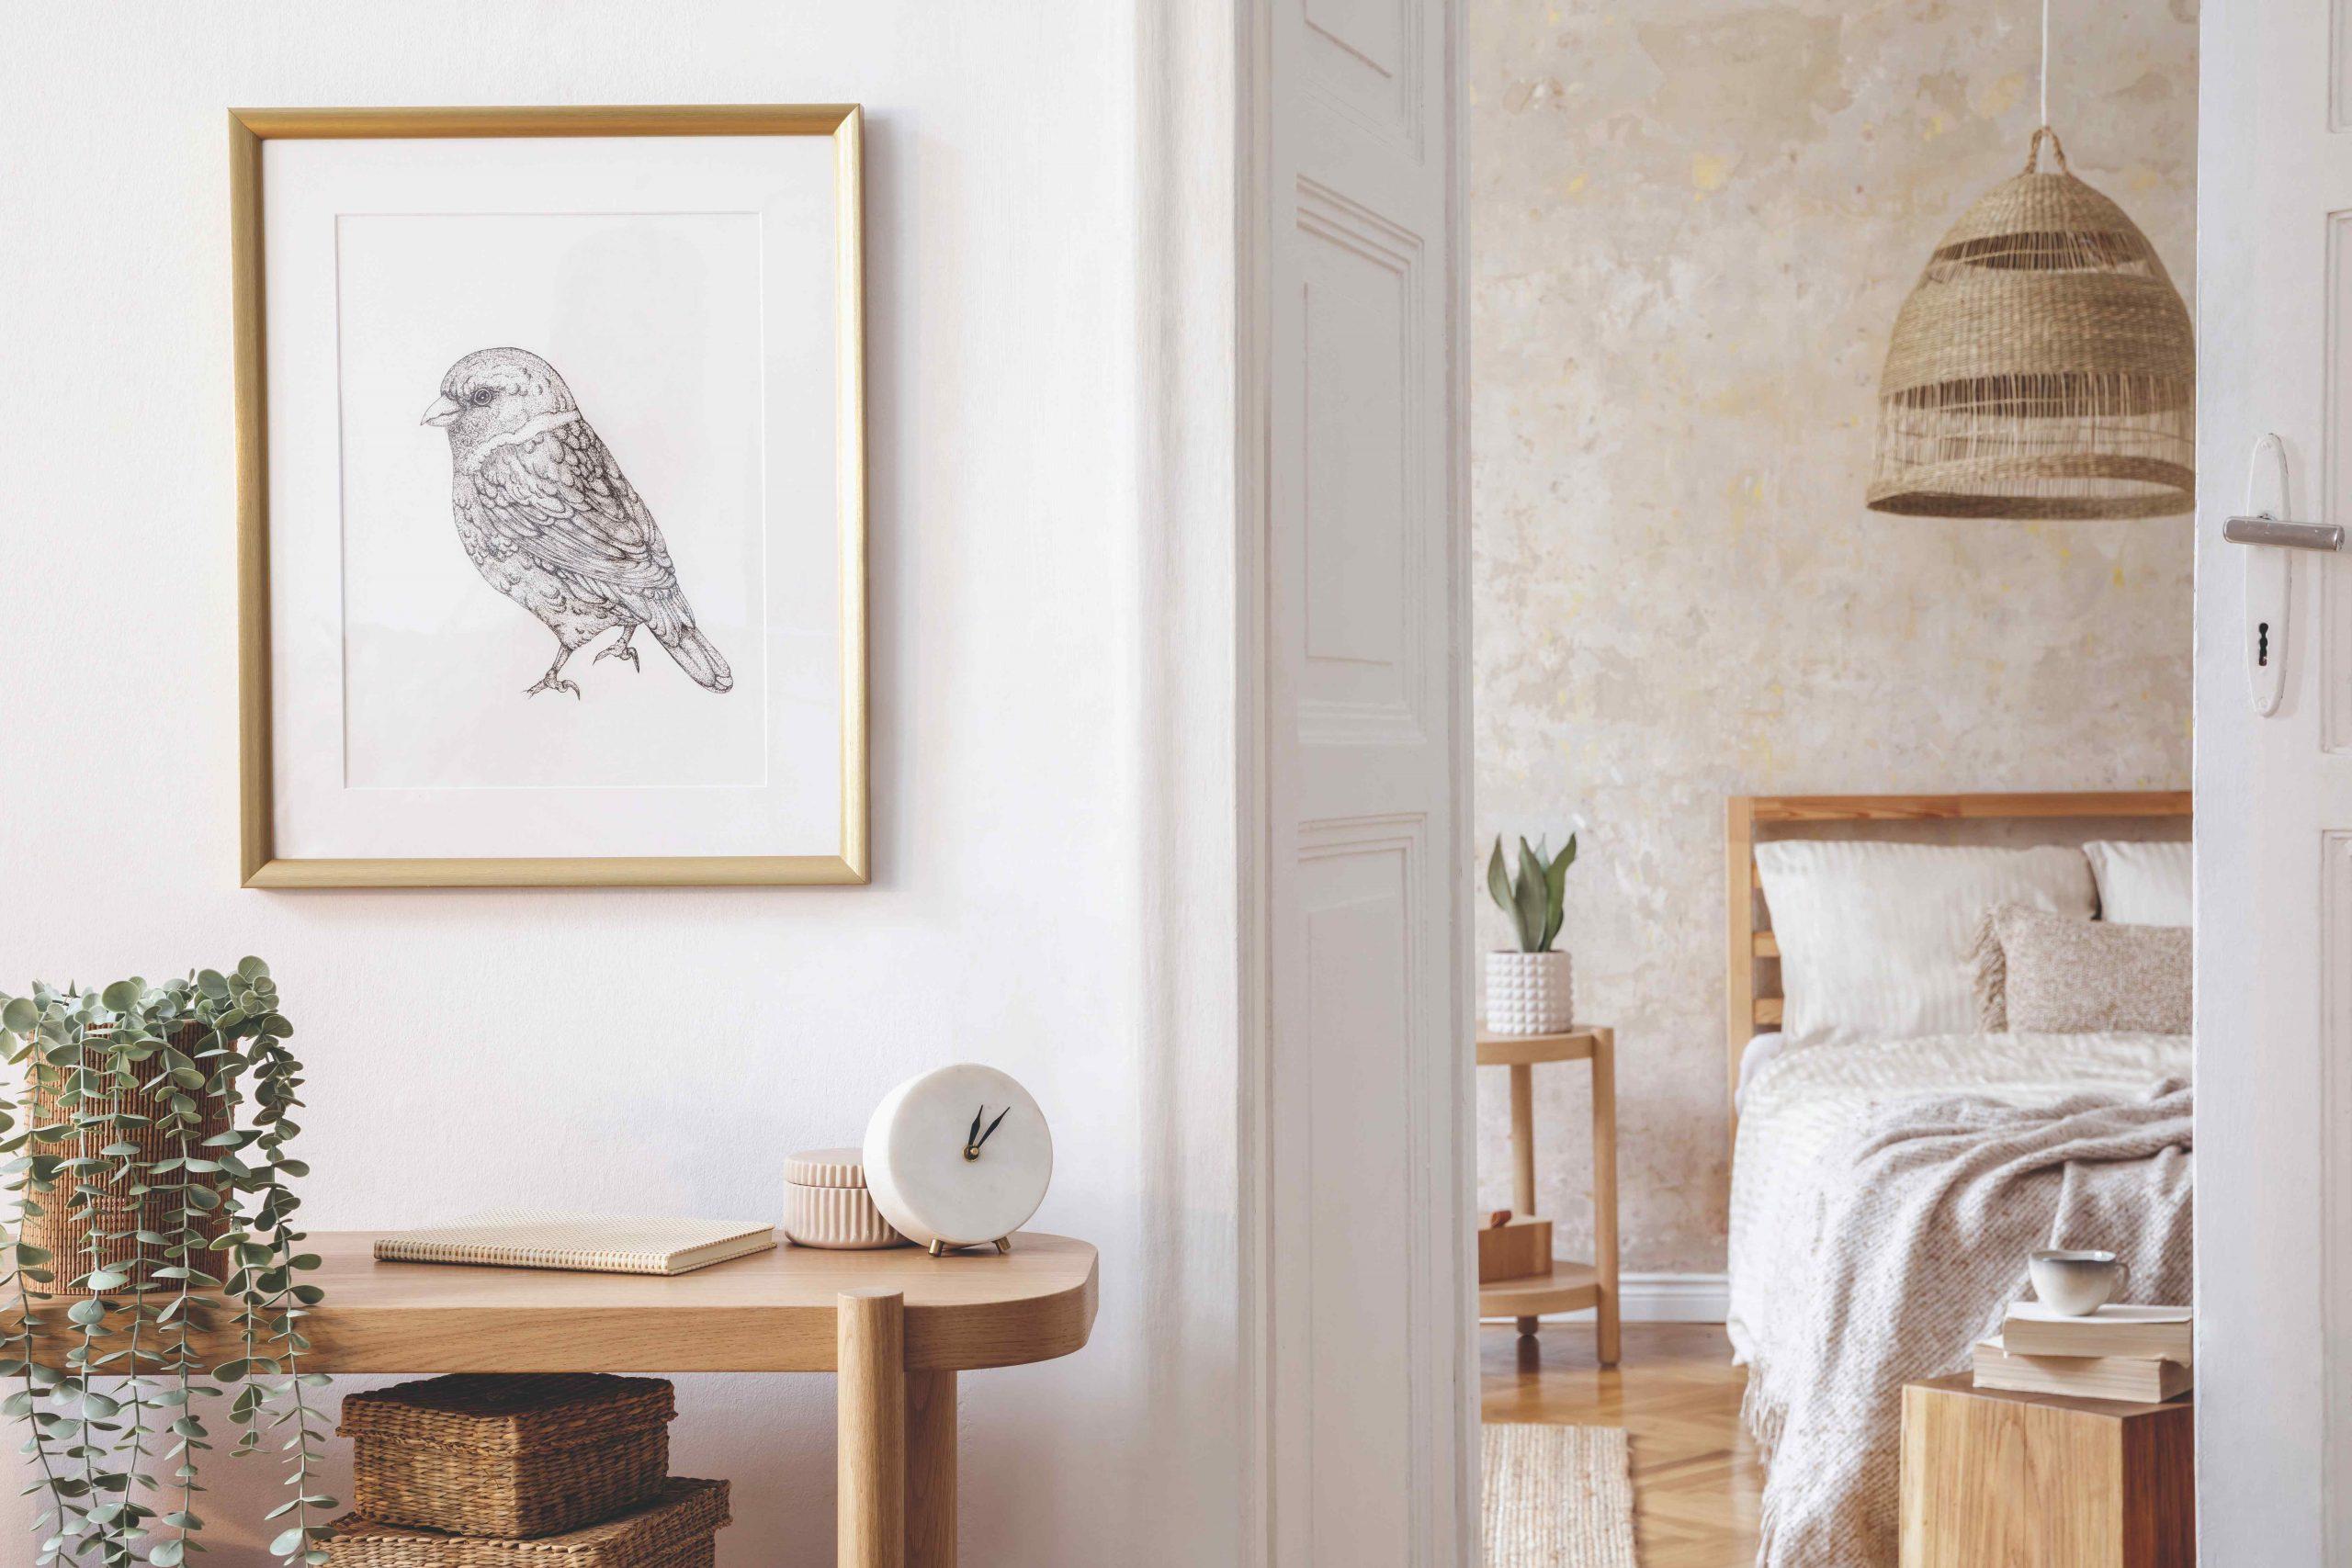 Stolík s obrazom a otvorené dvere do spálne